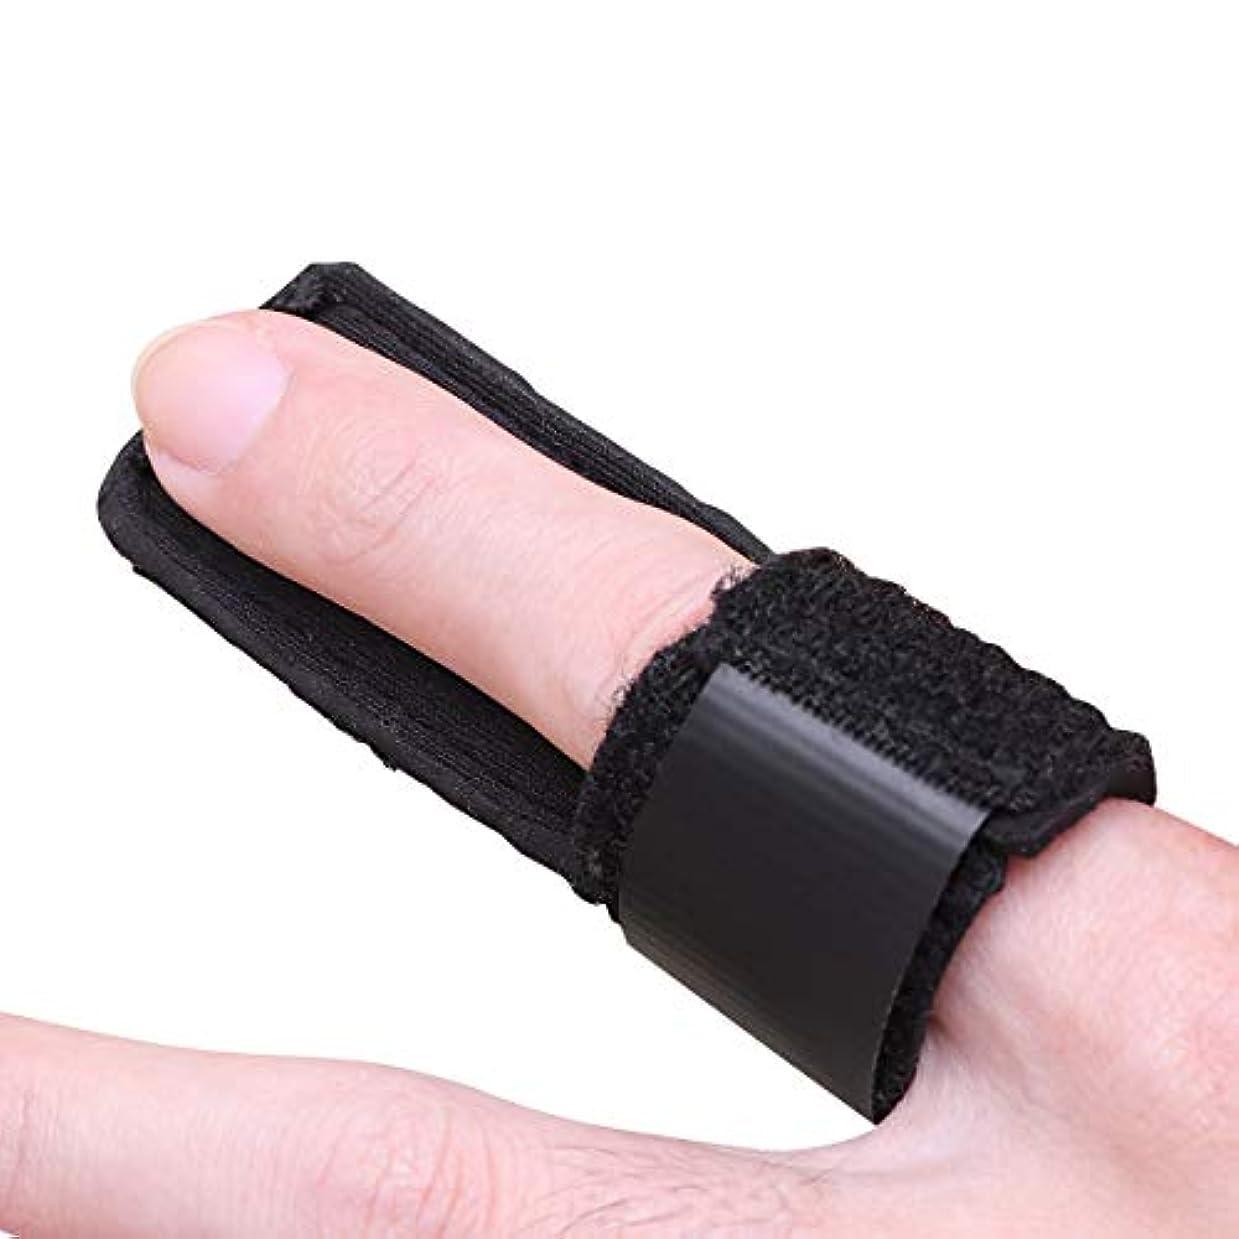 ピンクバン領事館Healifty 子供のための指のサポートブレースフィンガースプリント骨折ジョイントスプリントプロテクター(ブラック)